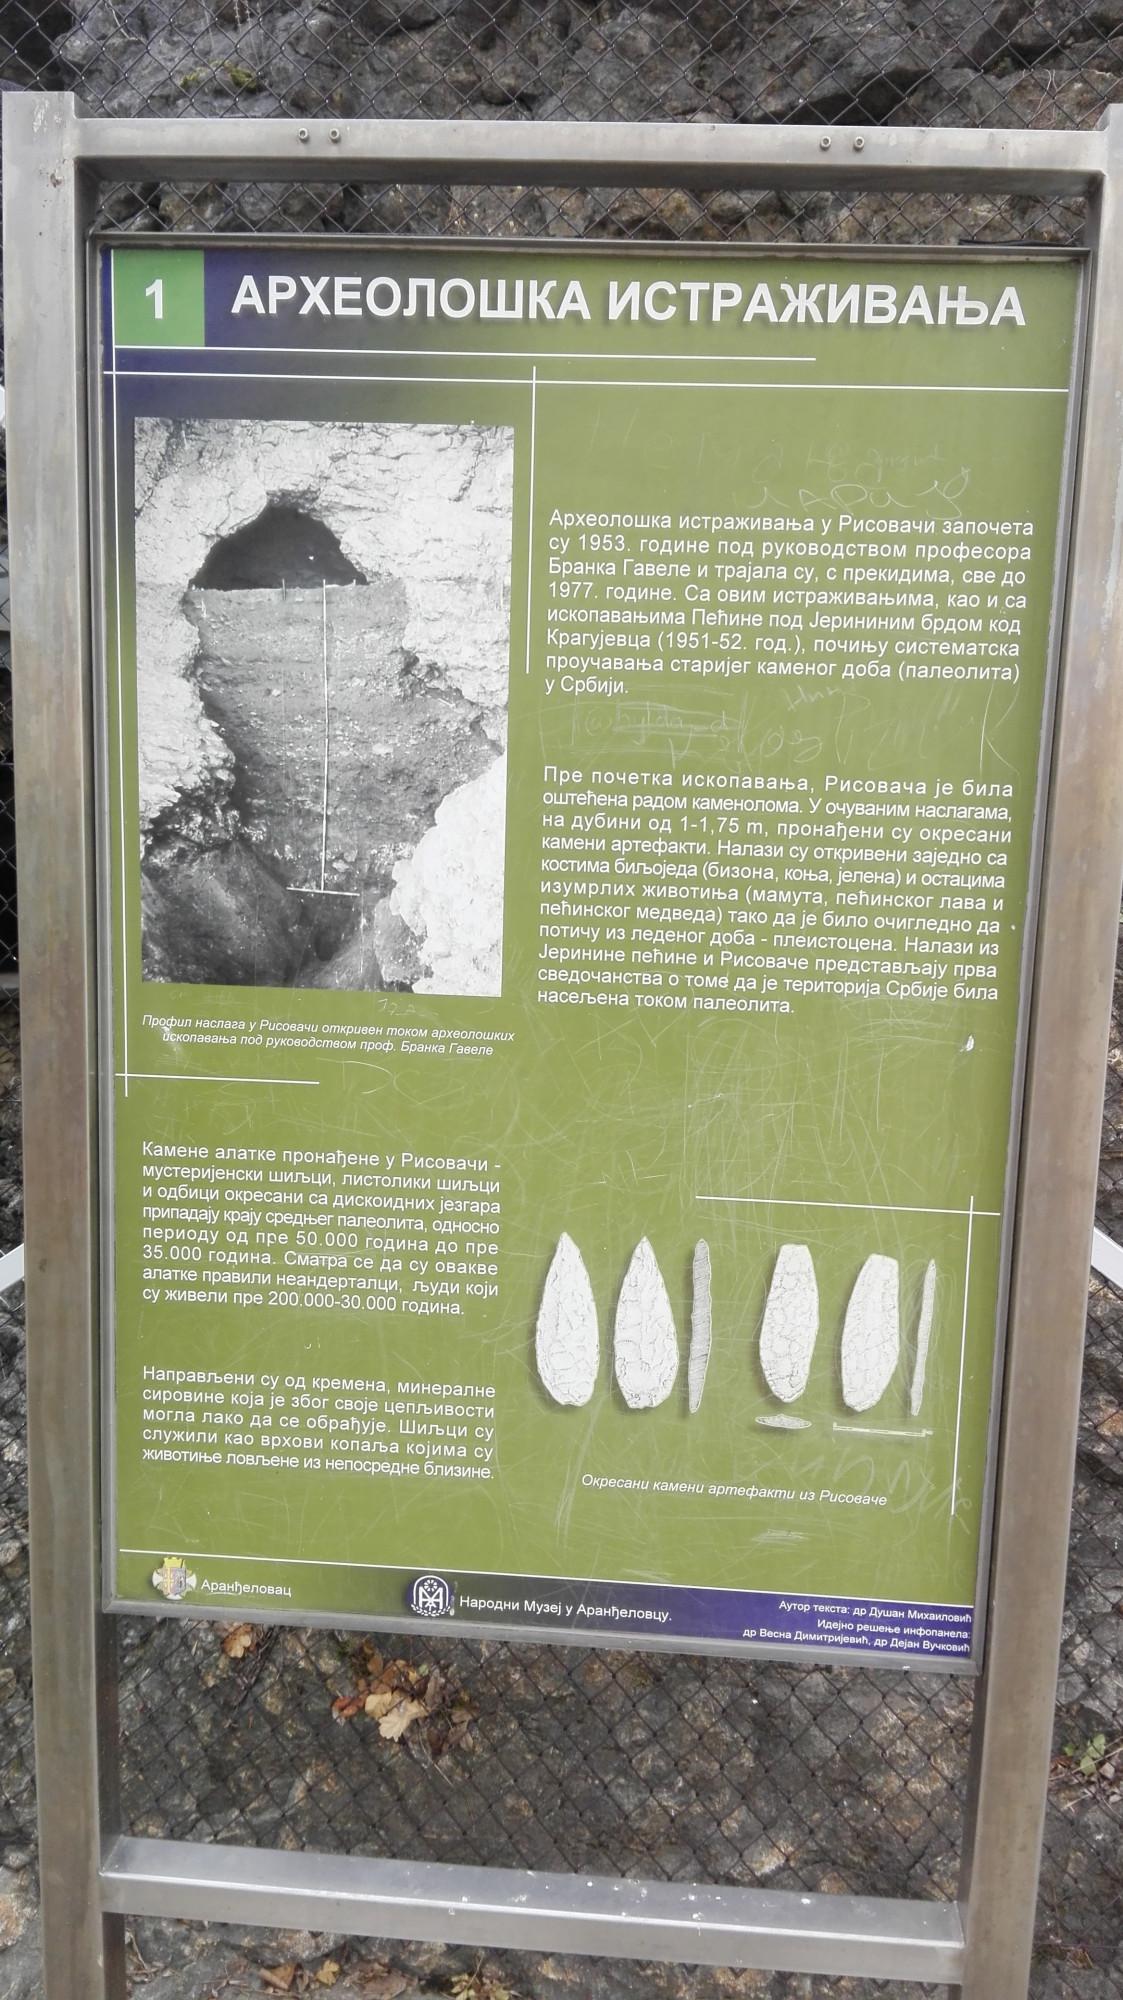 Мало о историји ископавања.